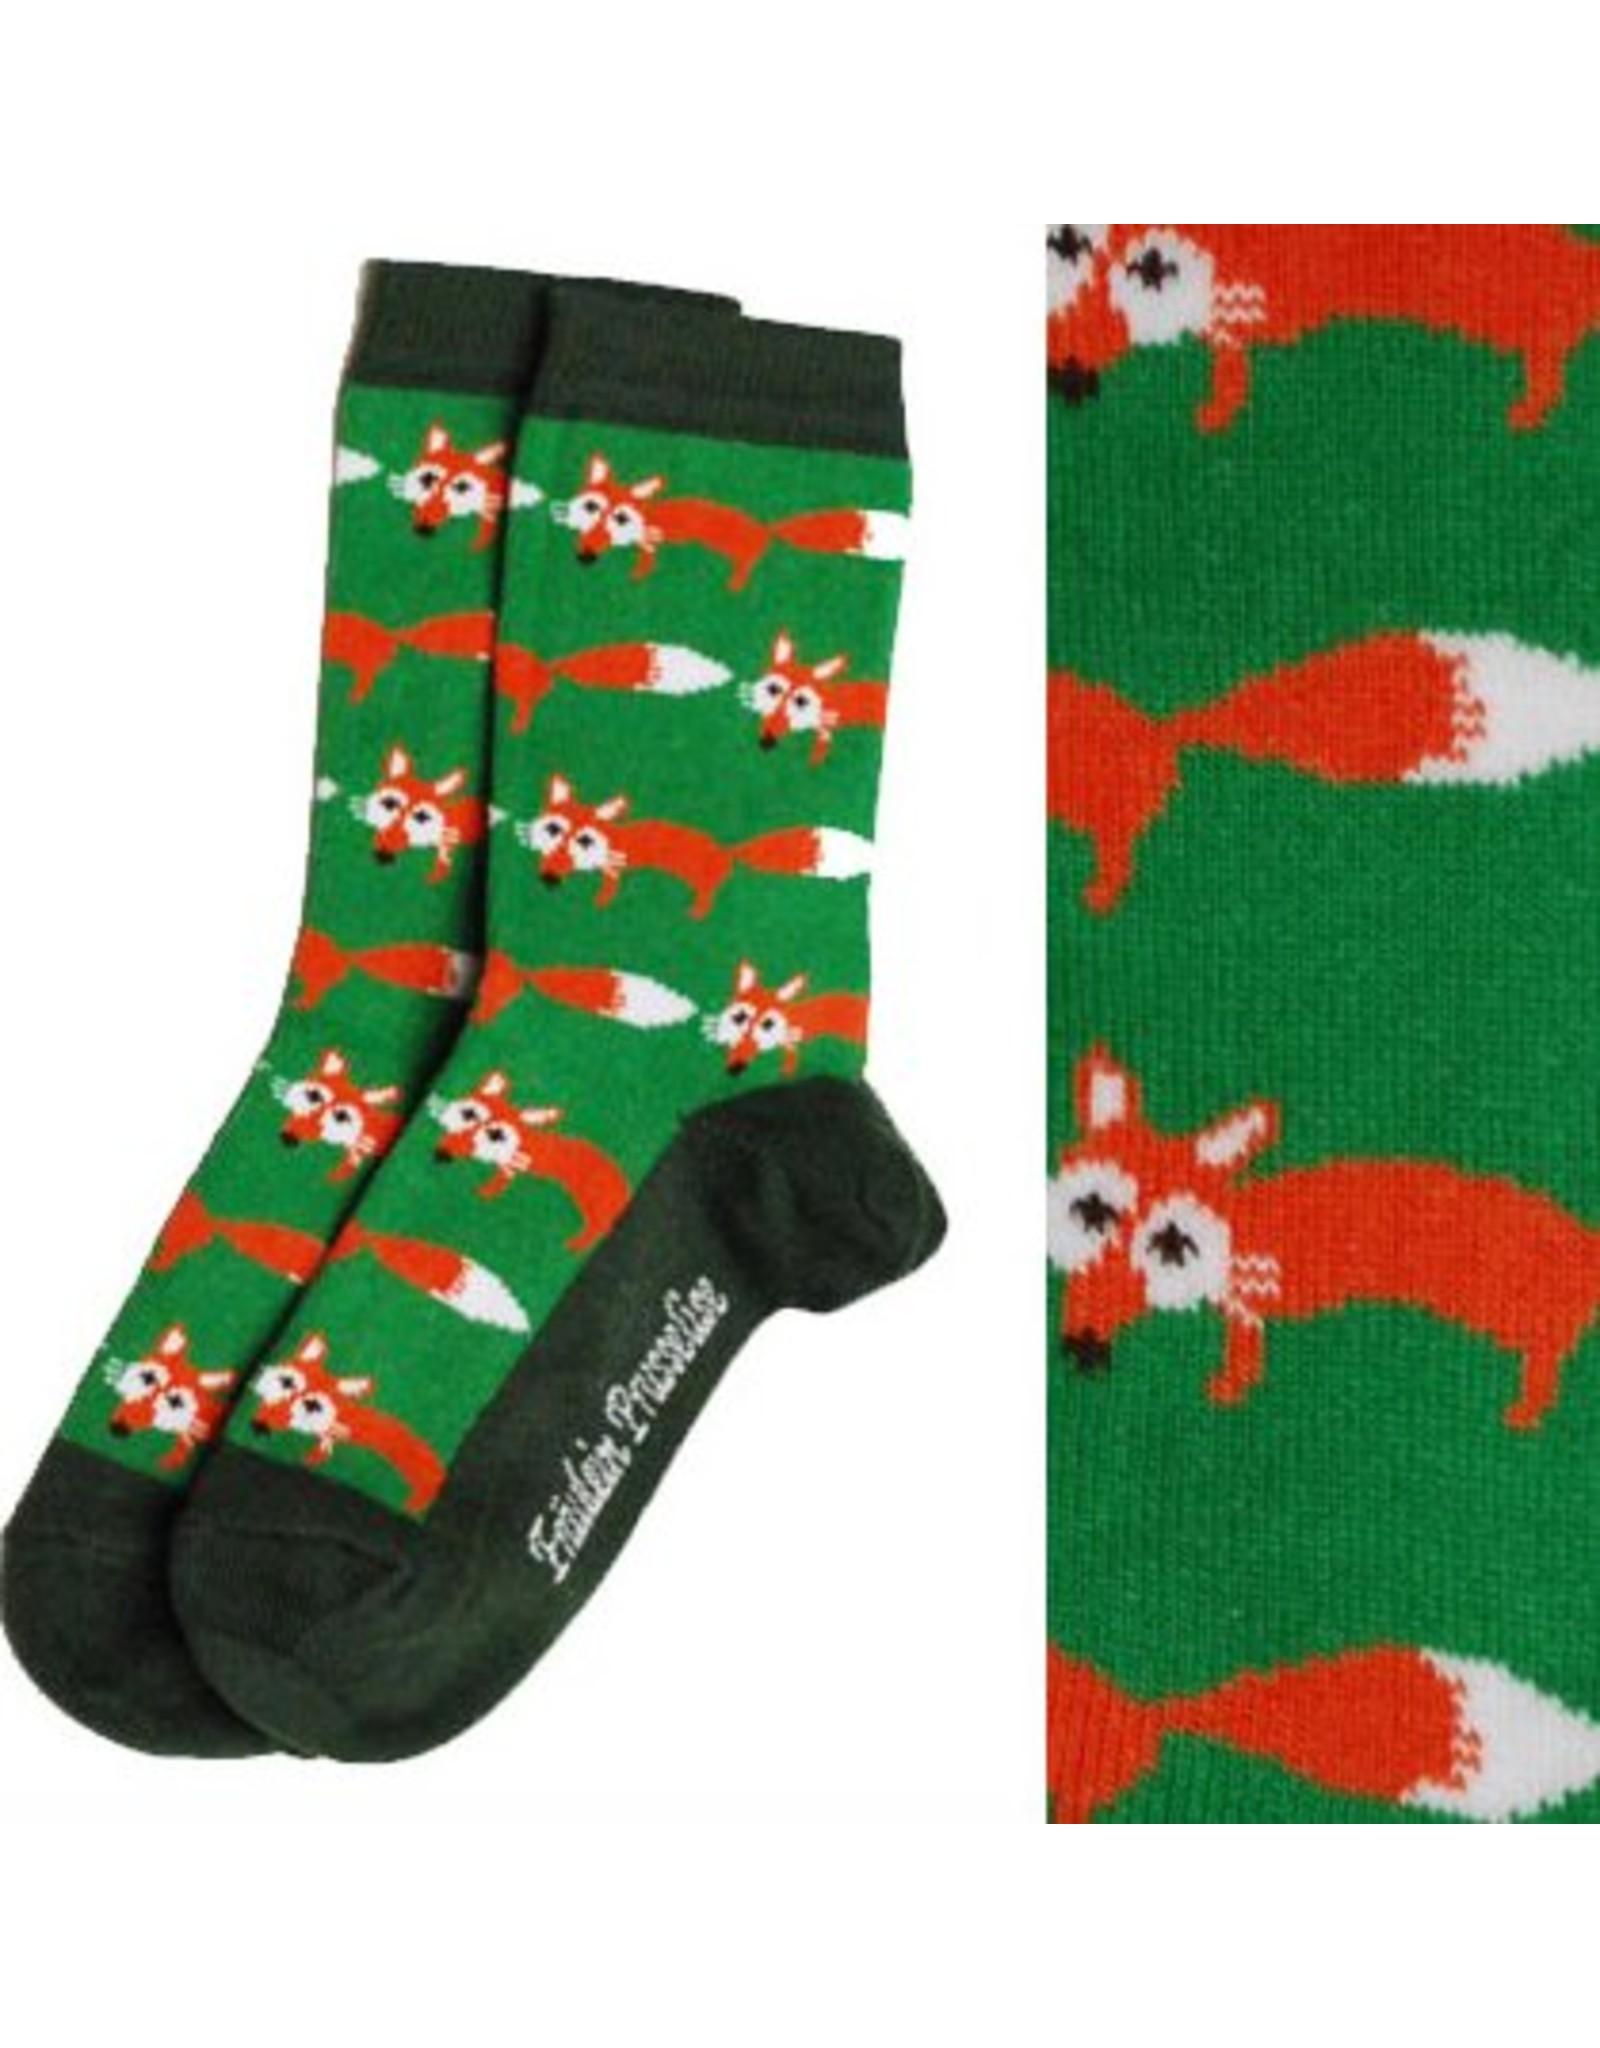 Fräulein Prusselise Children's socks - foxes